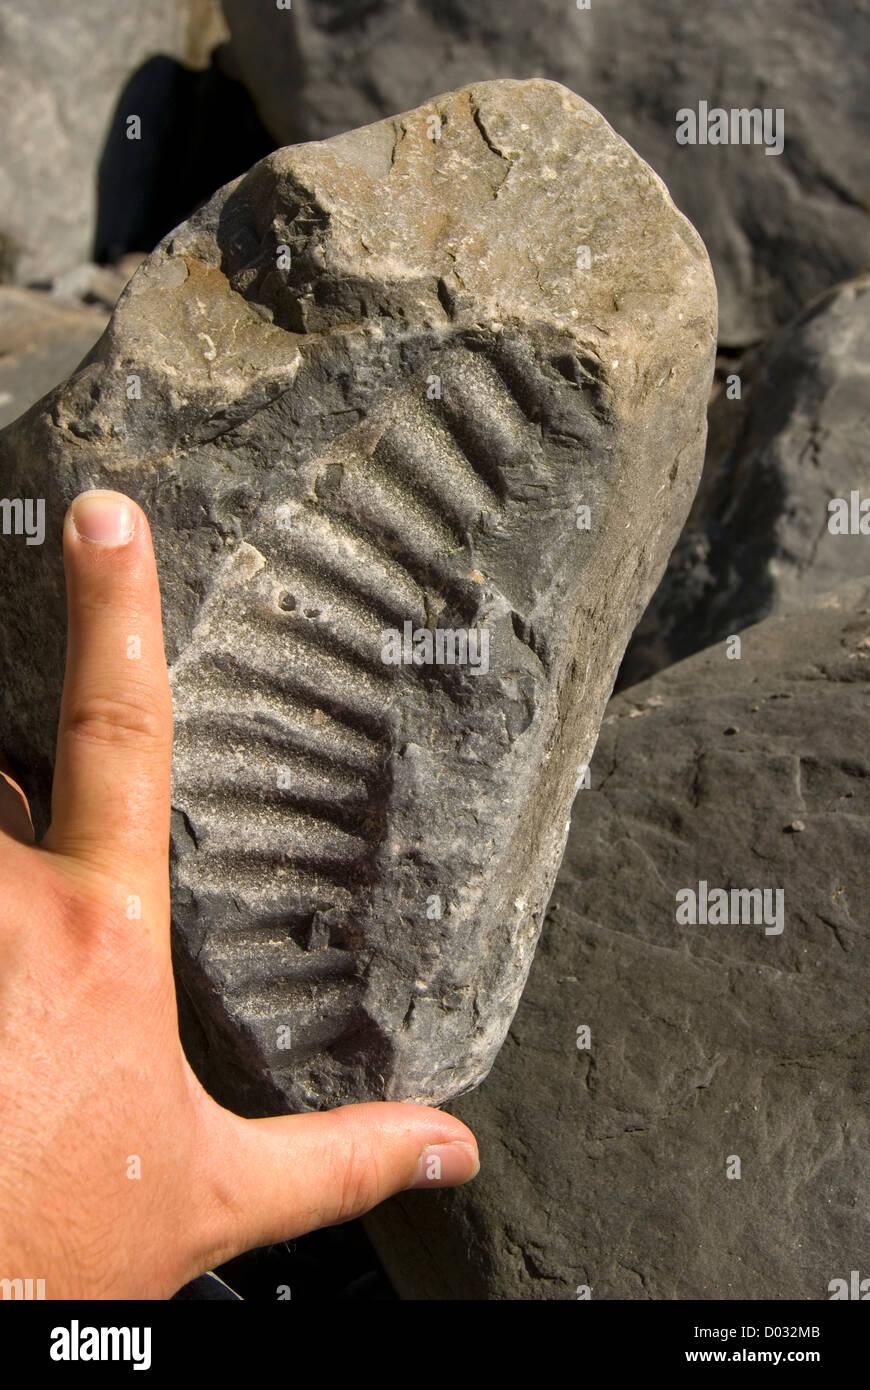 Combustibles fossiles d'Ammonites à plage, part pour donner une idée de l'échelle, Nash Point, Photo Stock